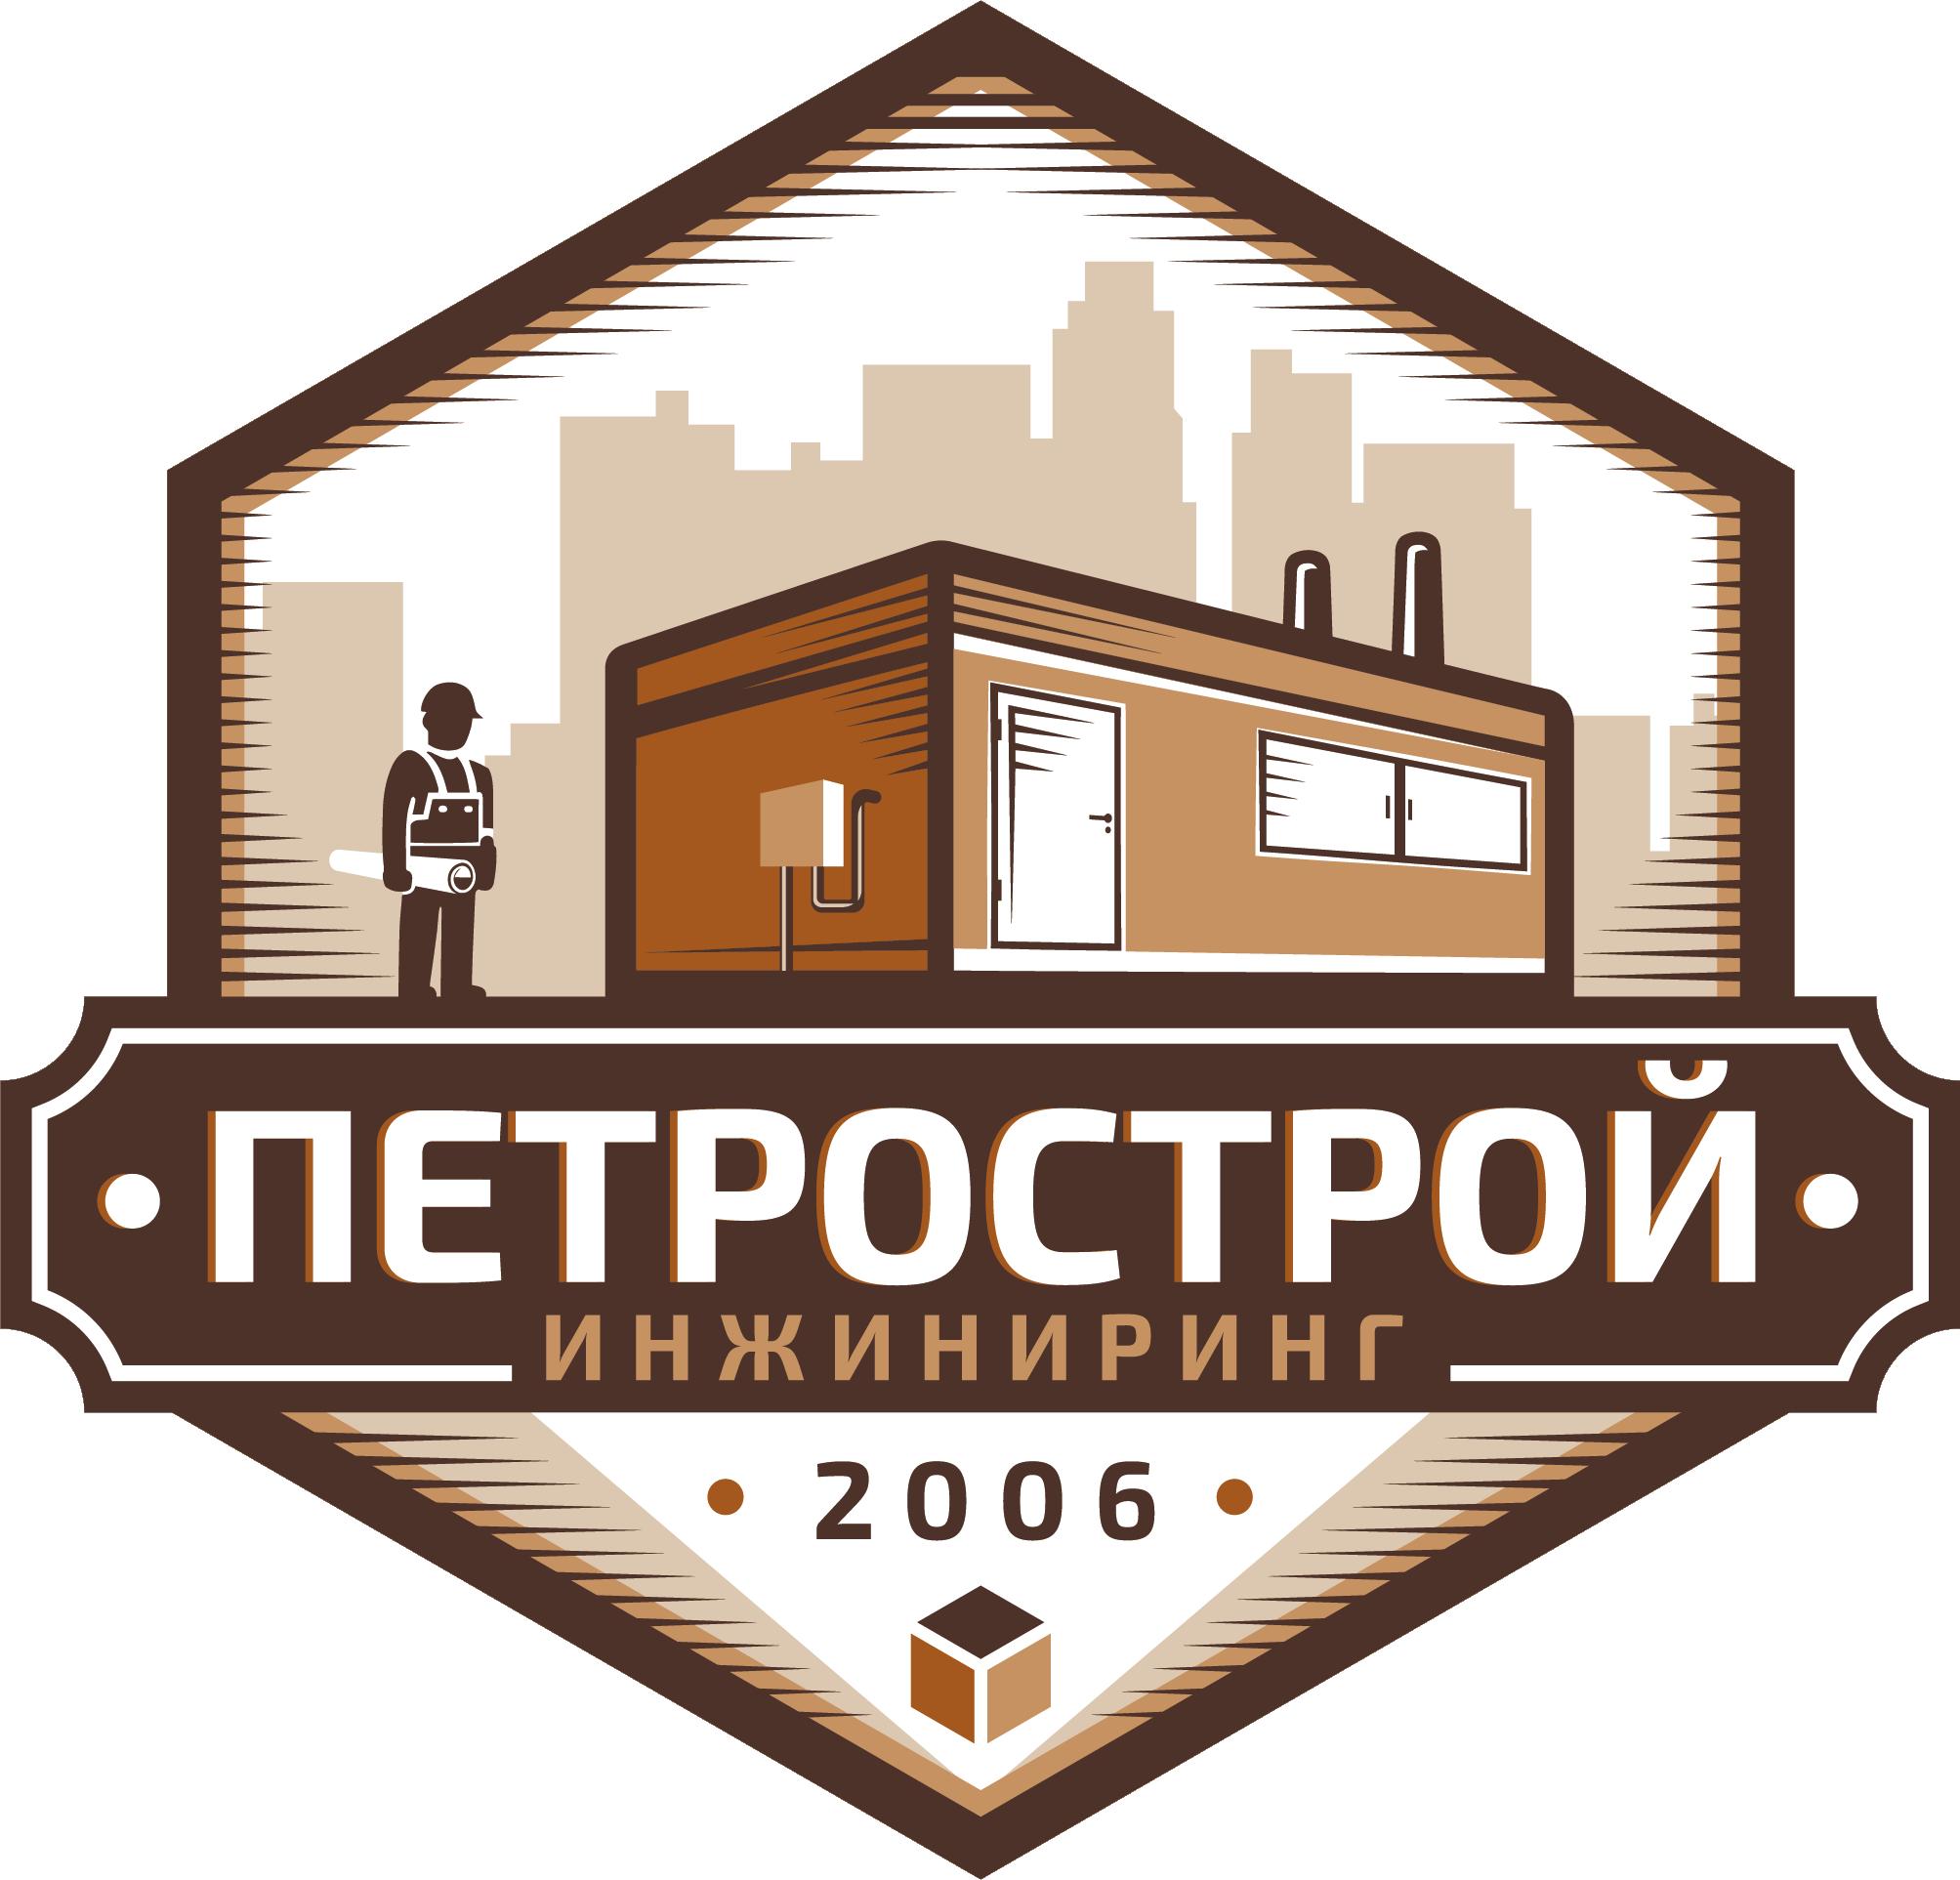 Петрострой Инжиниринг